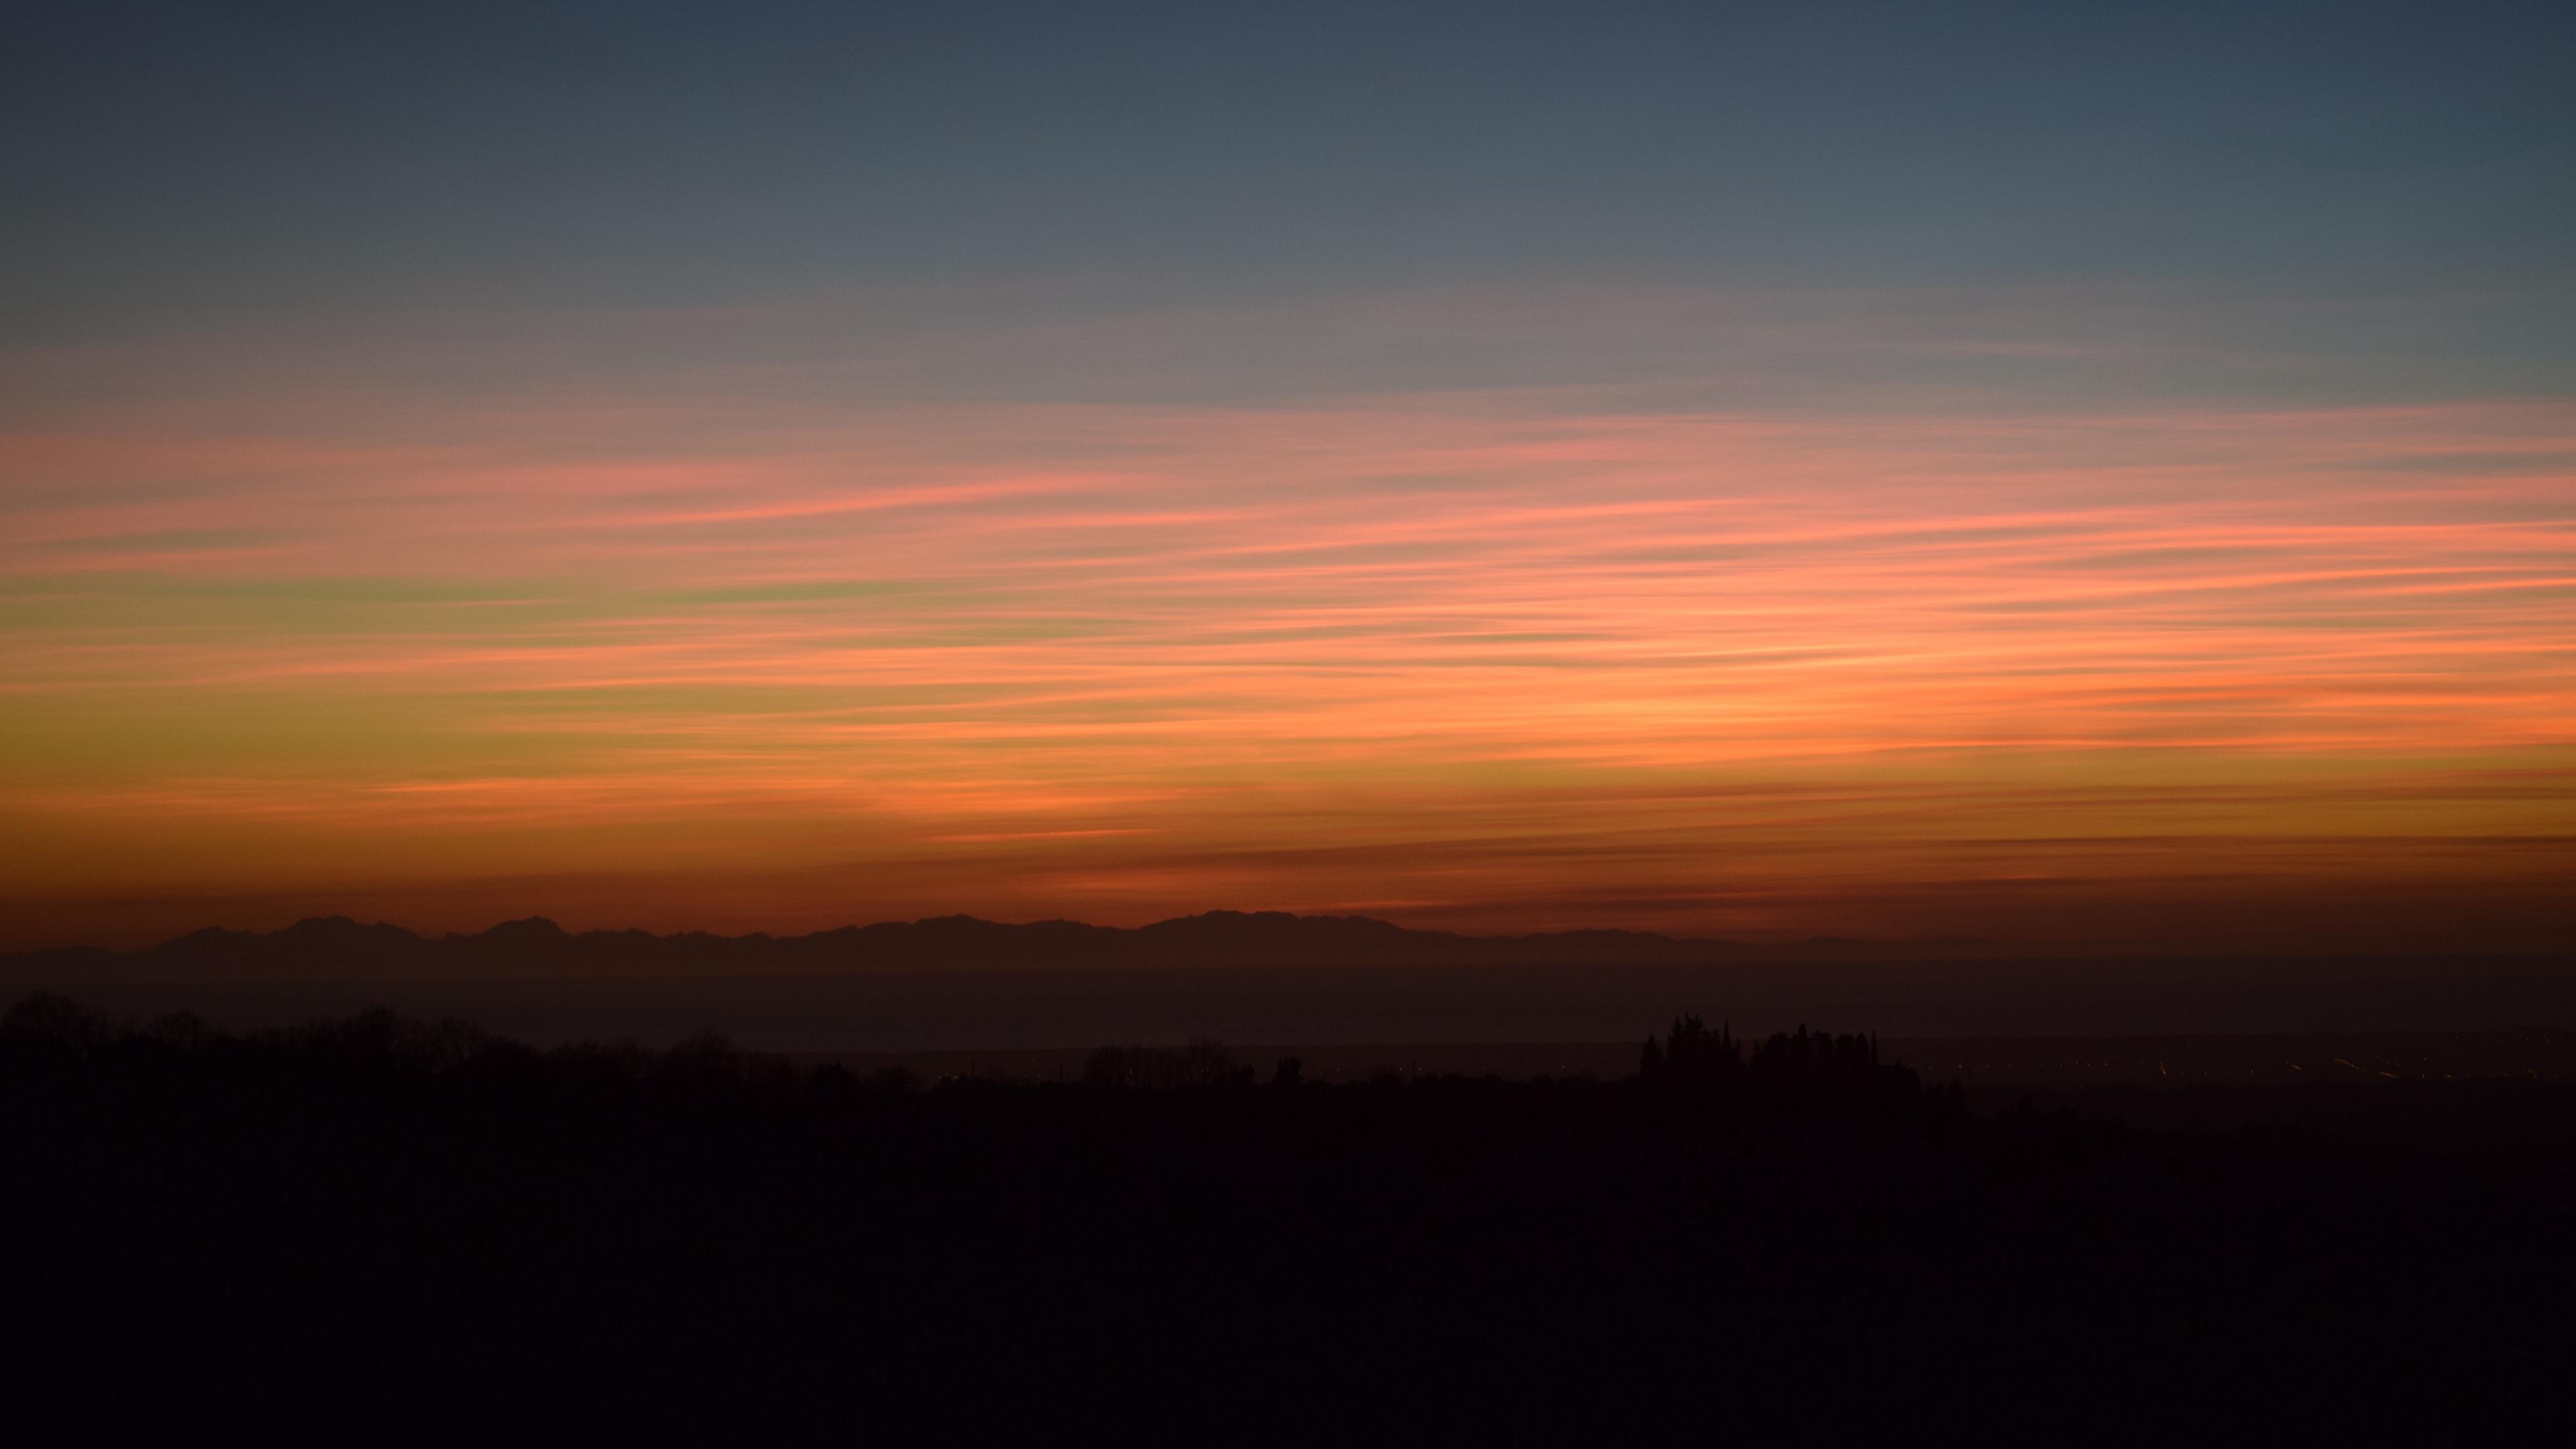 sky clouds horizon sunset 4k 1541114149 - sky, clouds, horizon, sunset 4k - Sky, Horizon, Clouds